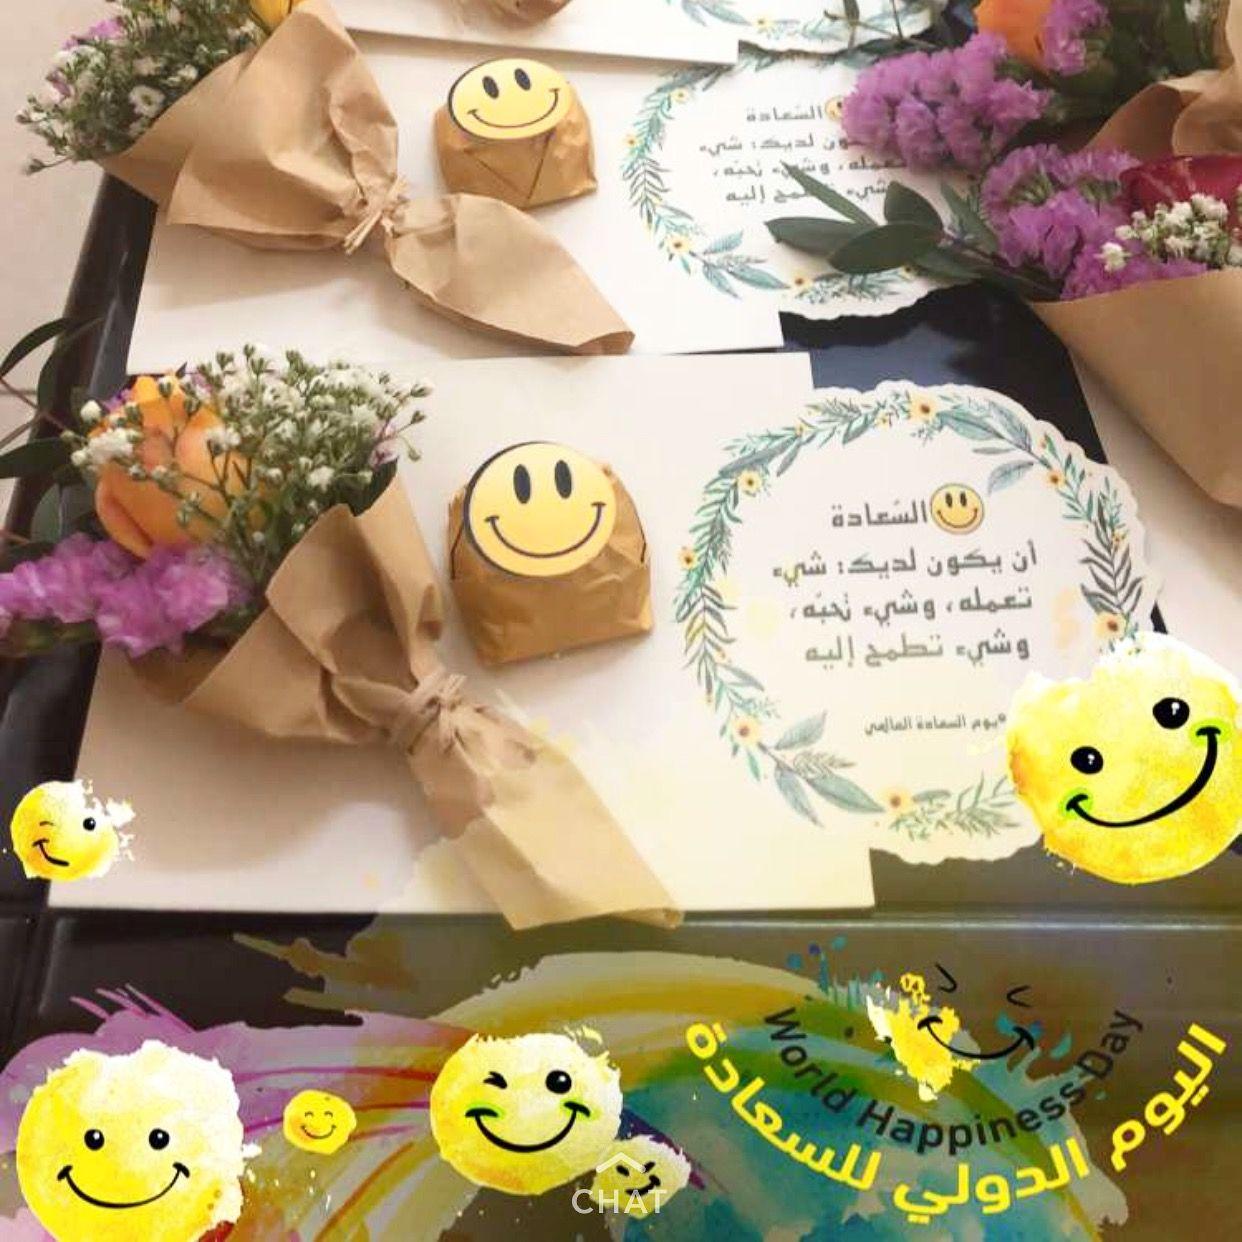 توزيعات يوم السعادة العالمي Homemade Gift Bags Print Planner Diy Gift Box